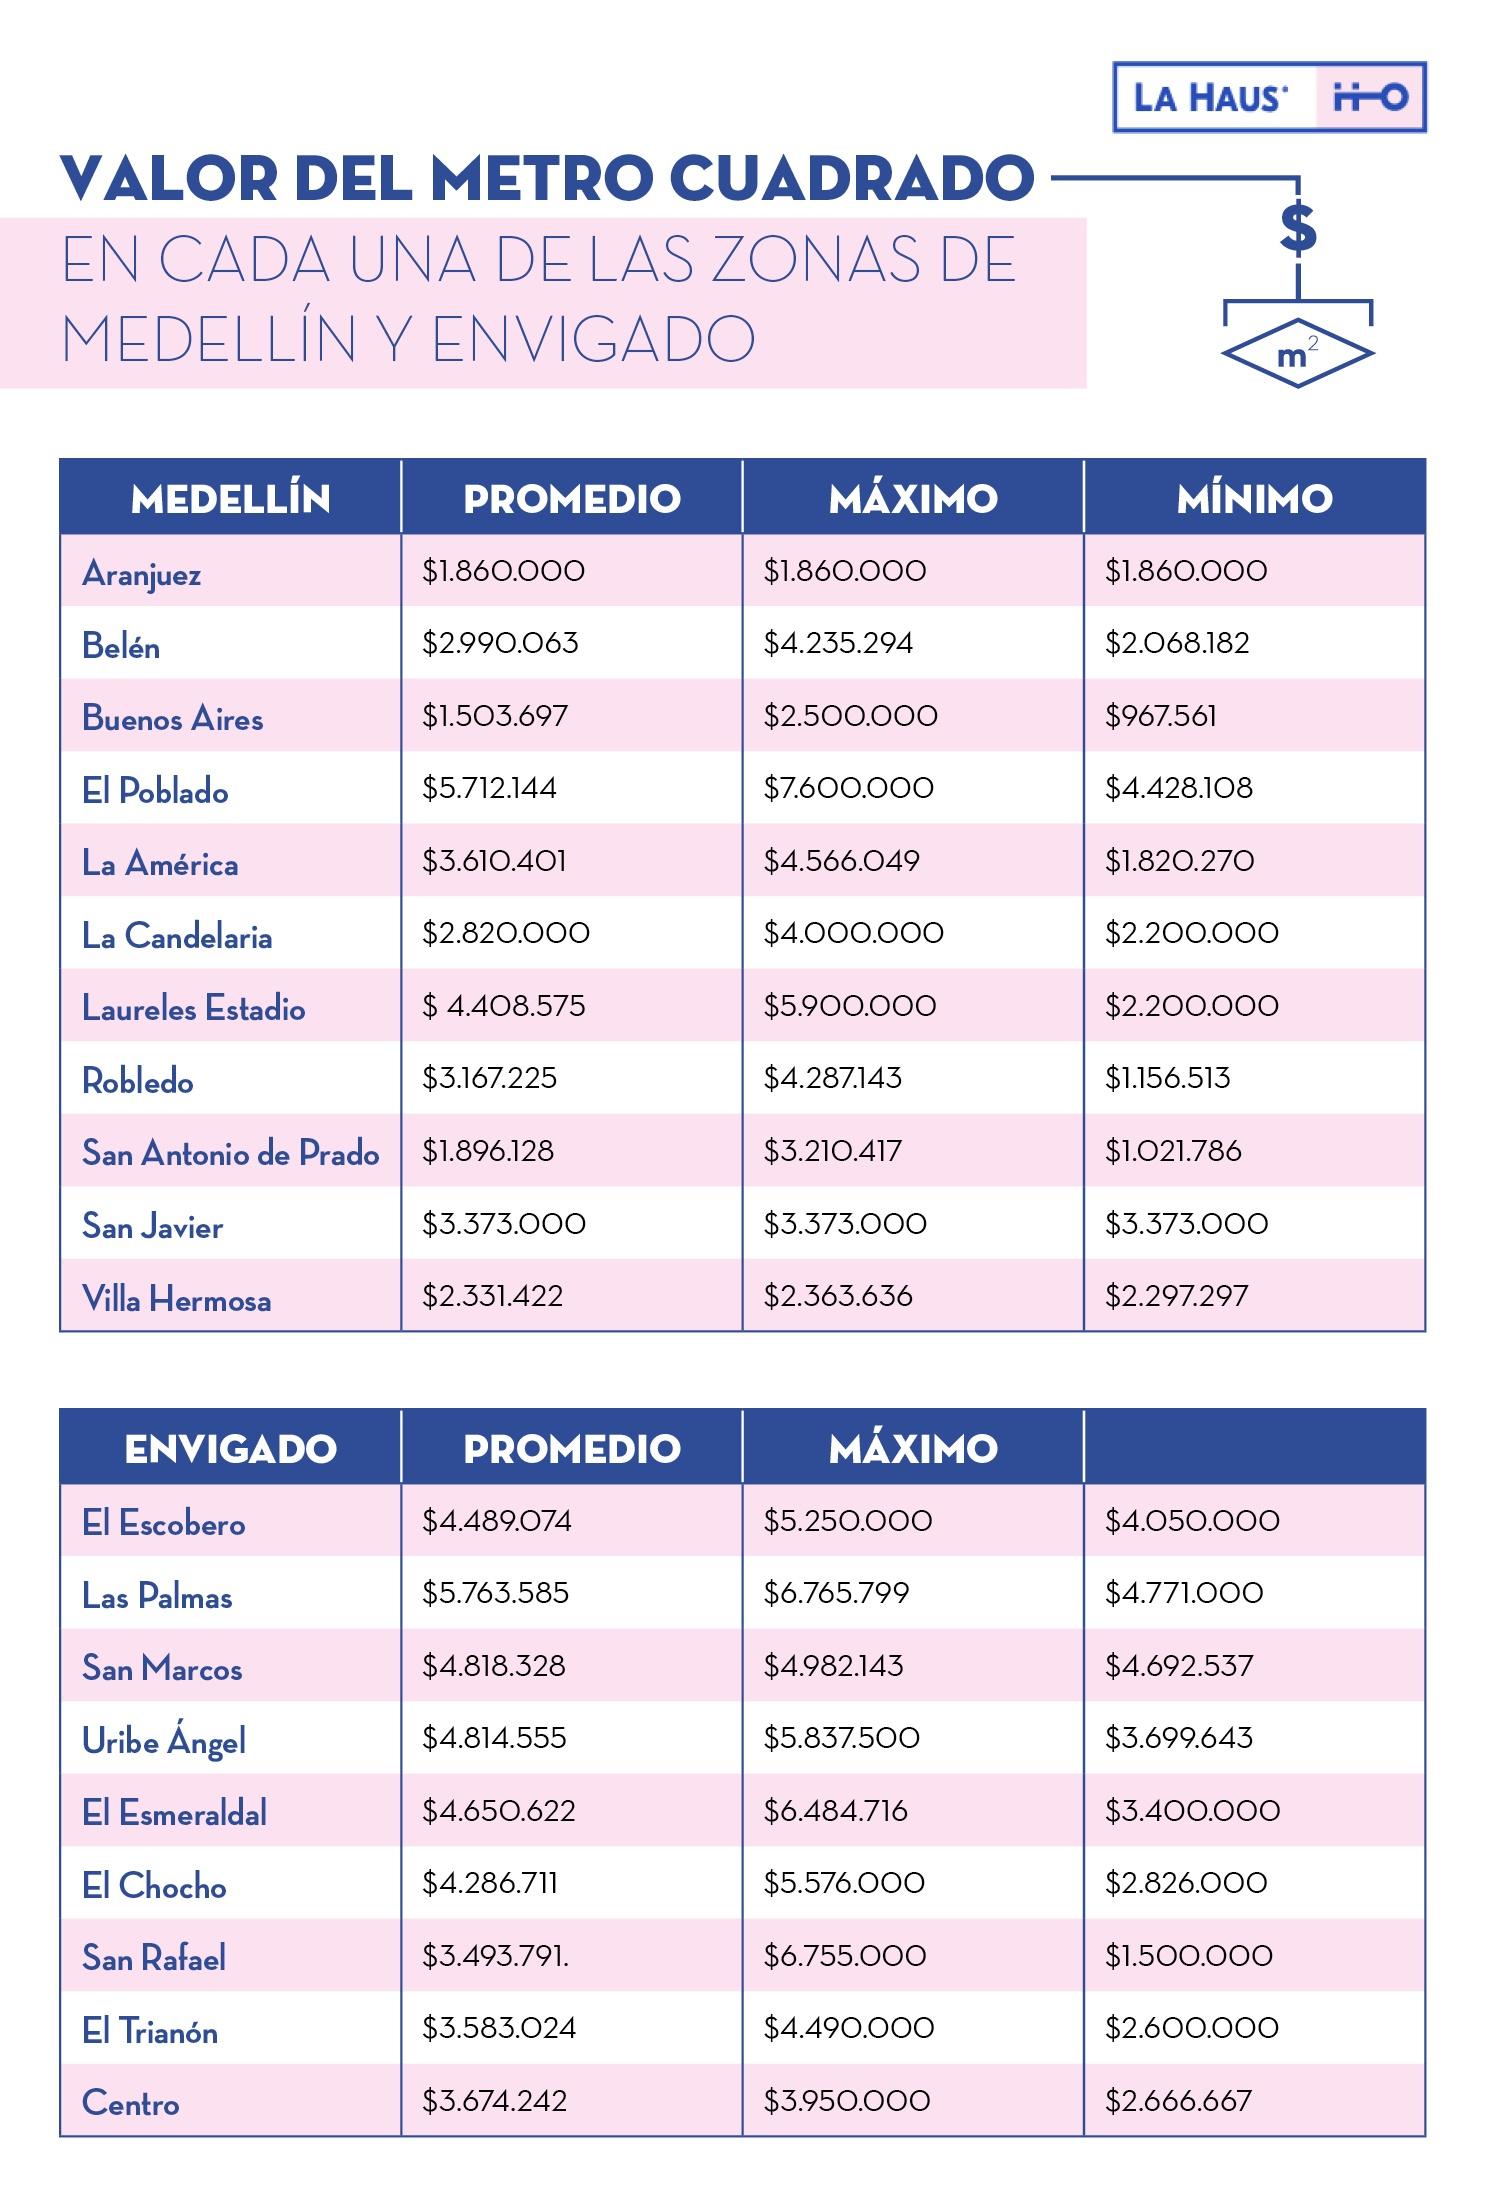 Precios Del Metro Cuadrado En Medellín Y Envigado 2018 Por Zonas